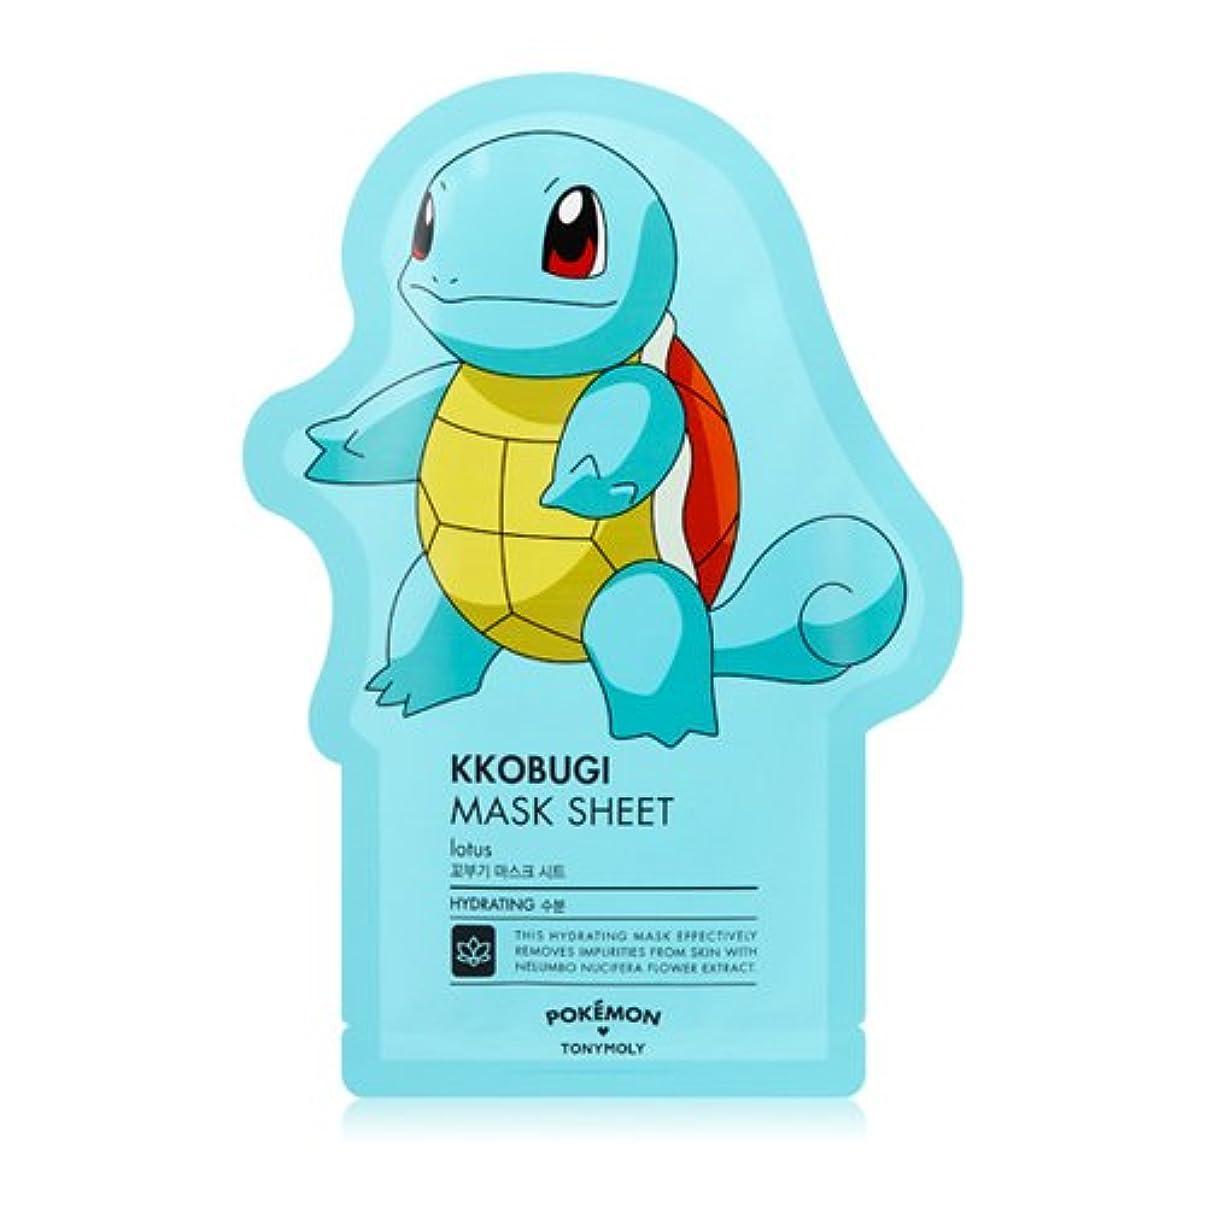 吸うウサギアトムTONYMOLY x Pokemon Squirtle/Kkobugi Mask Sheet (並行輸入品)